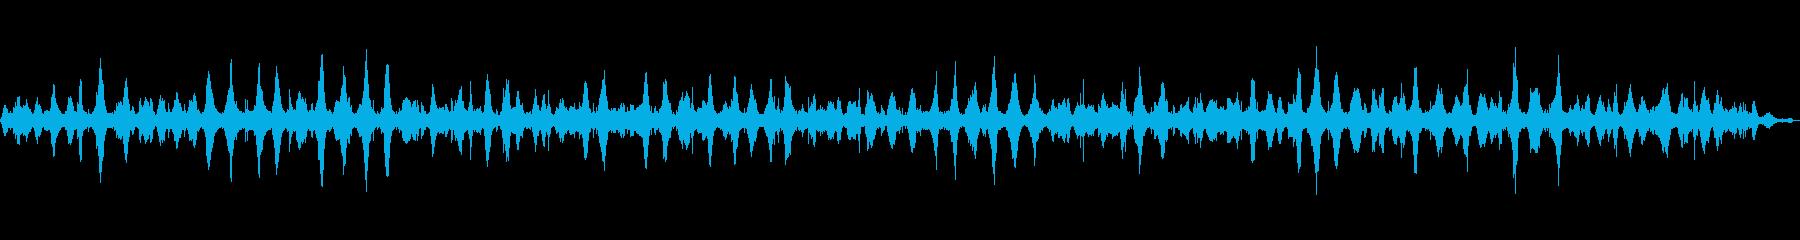 【環境音】波音 (和田長浜海岸)の再生済みの波形